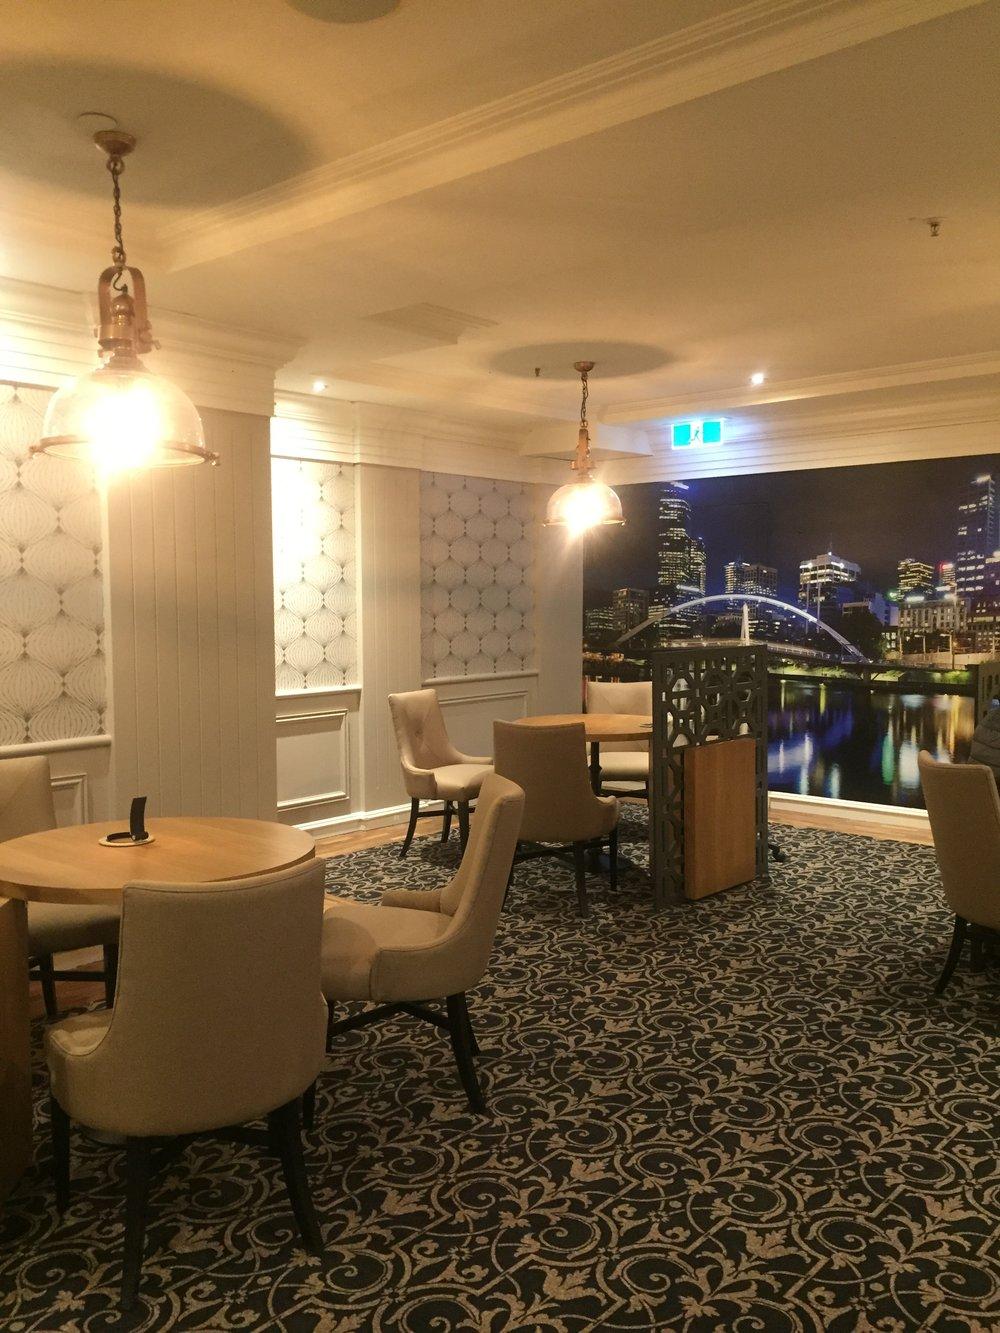 sebel hotel melbourne-indesign international